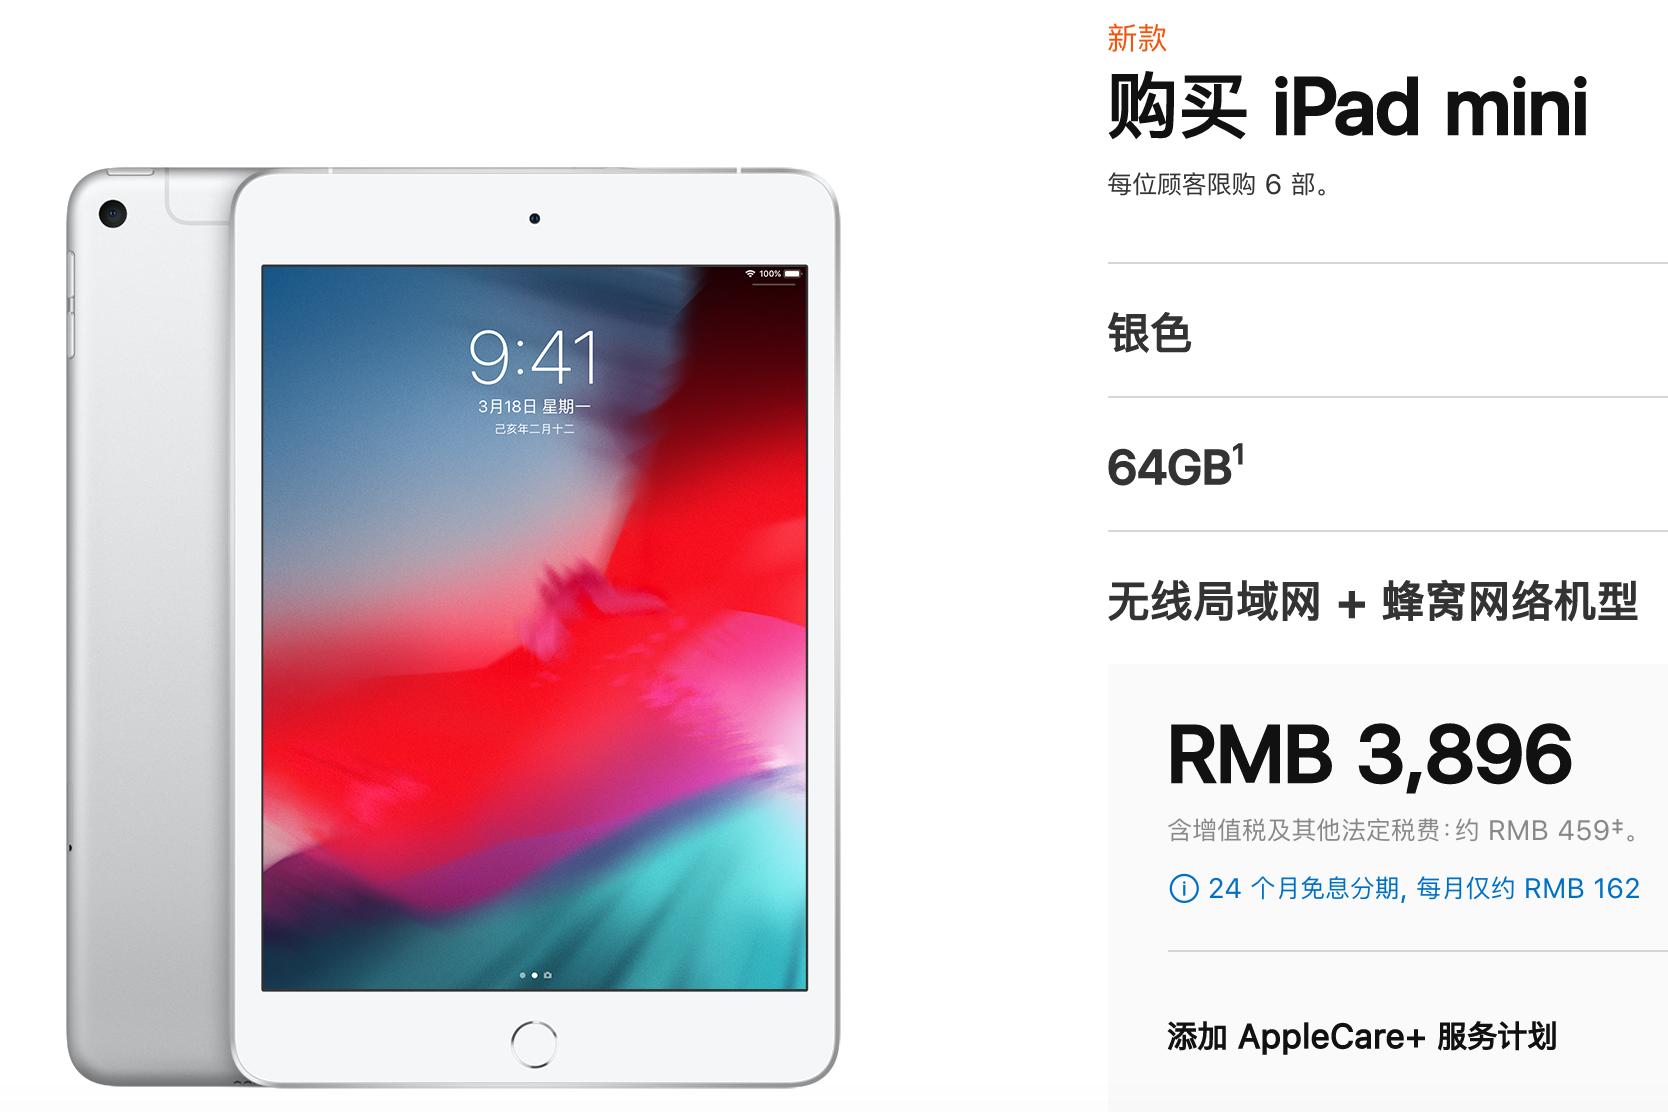 3896元起!苹果两款新iPad蜂窝版开卖:超强游戏机?